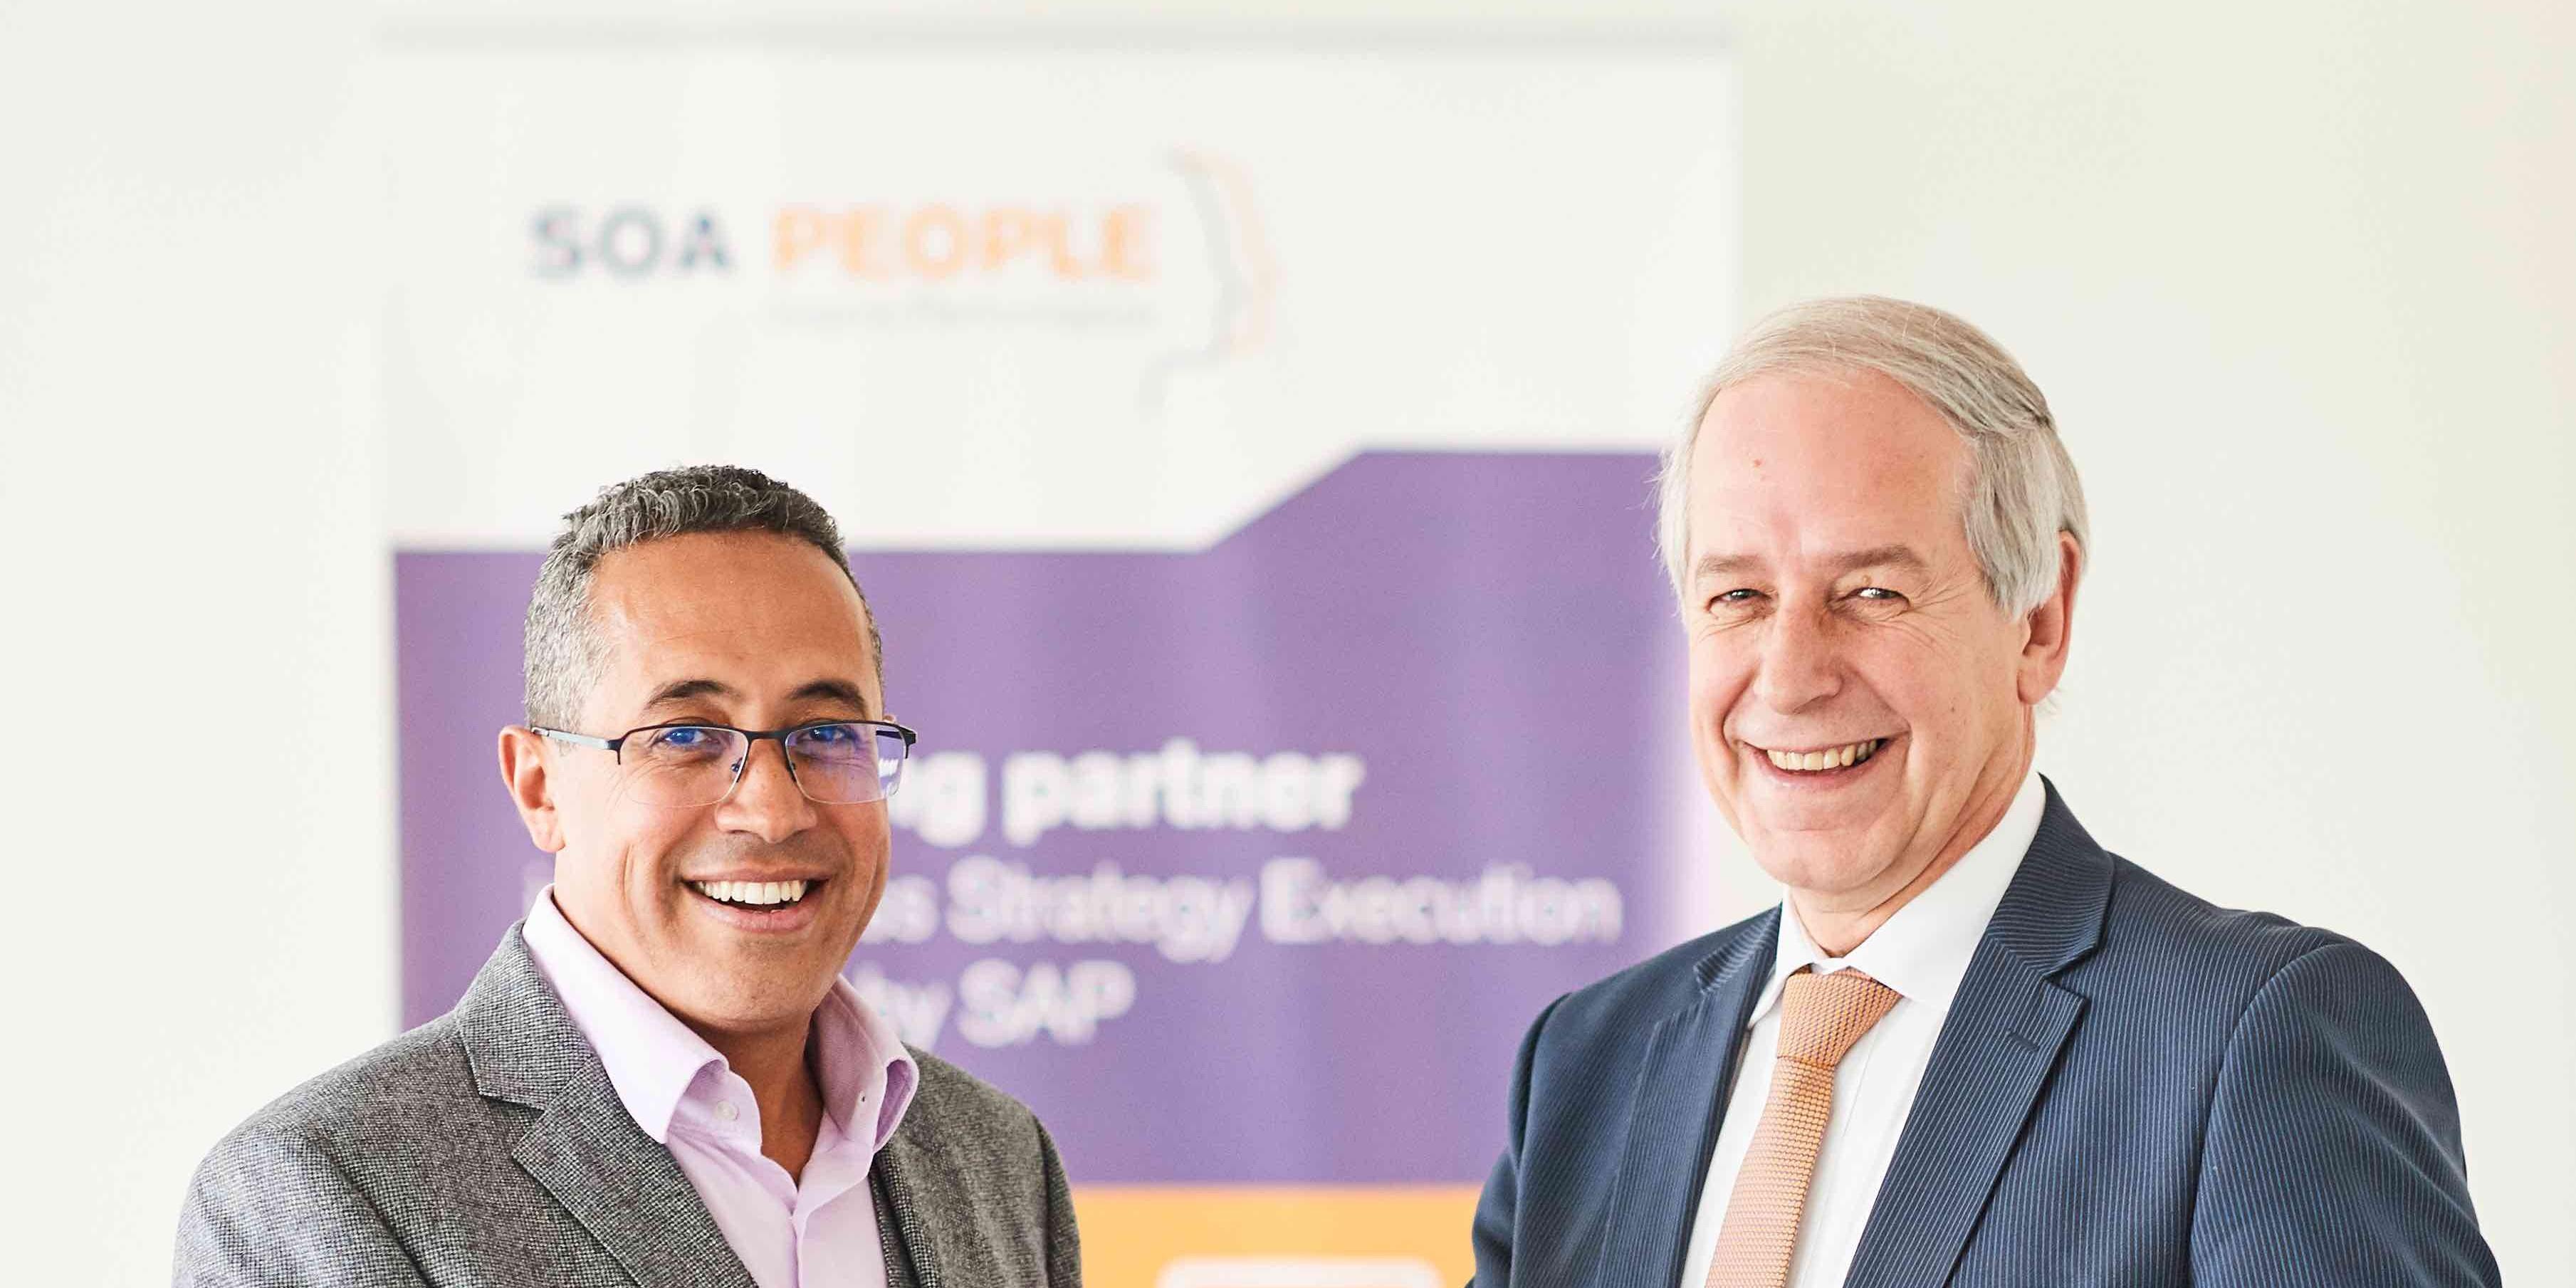 SOA People obtient un financement de 50 millions d'euros